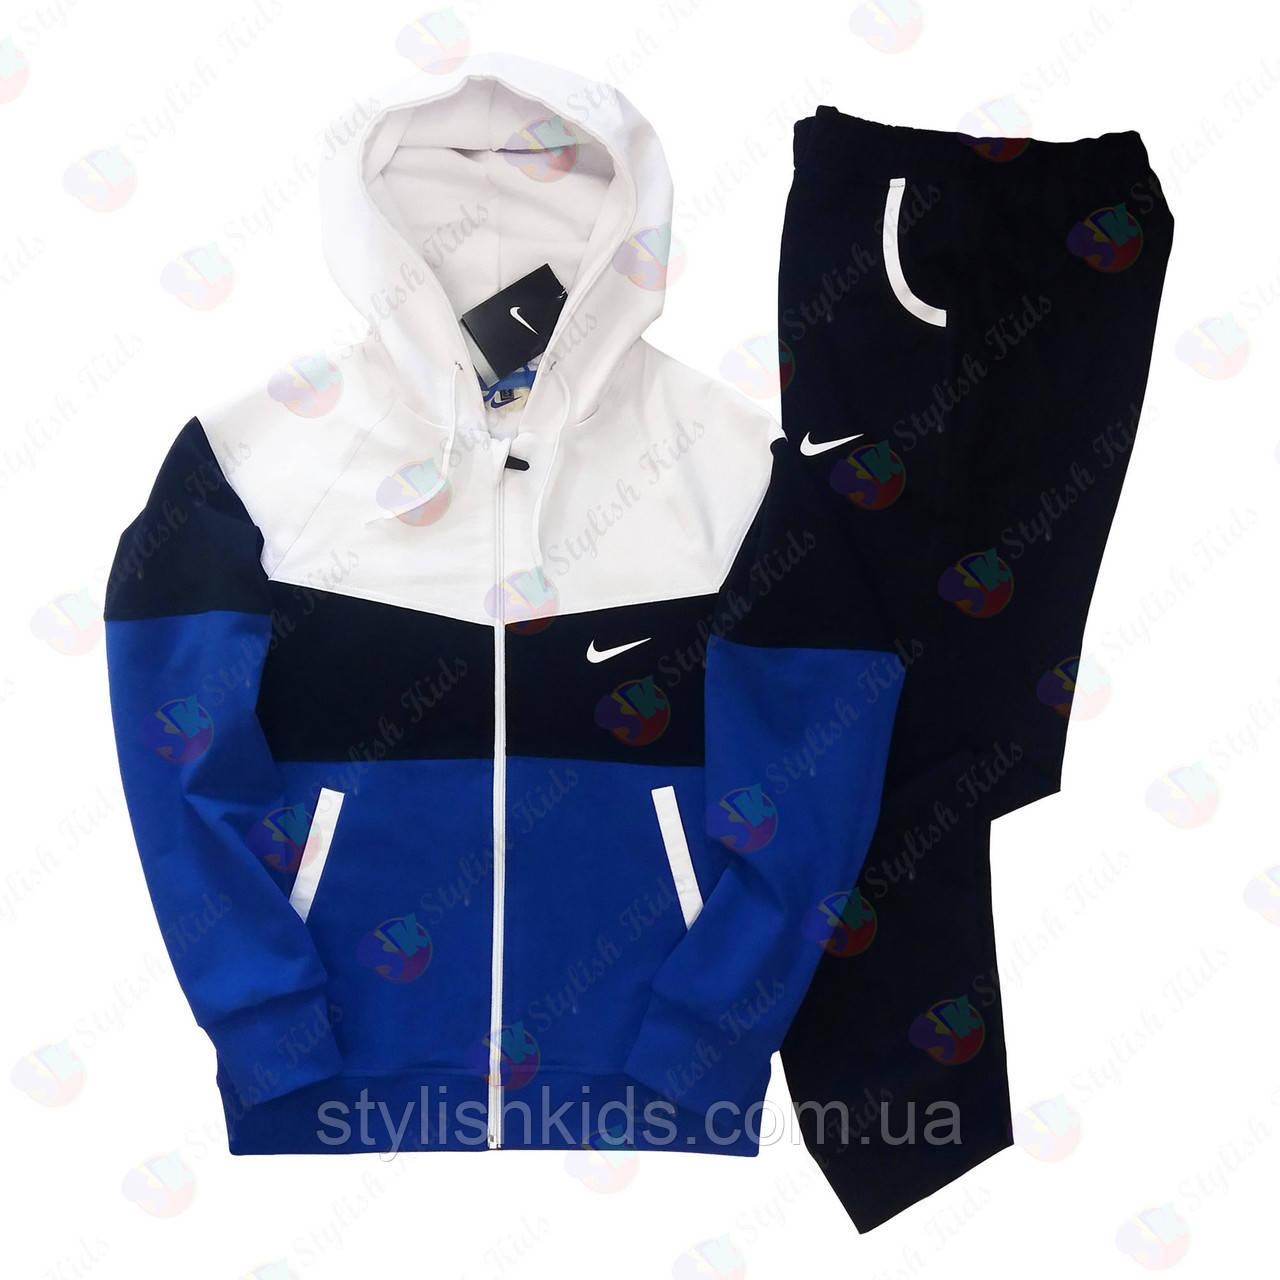 076007ca9 Подростковый спортивный костюм Nike в интернет магазине.спортивный костюм  для подростка мальчика 140р-176р , цена 700 грн., купить Украина — Prom.ua  ...